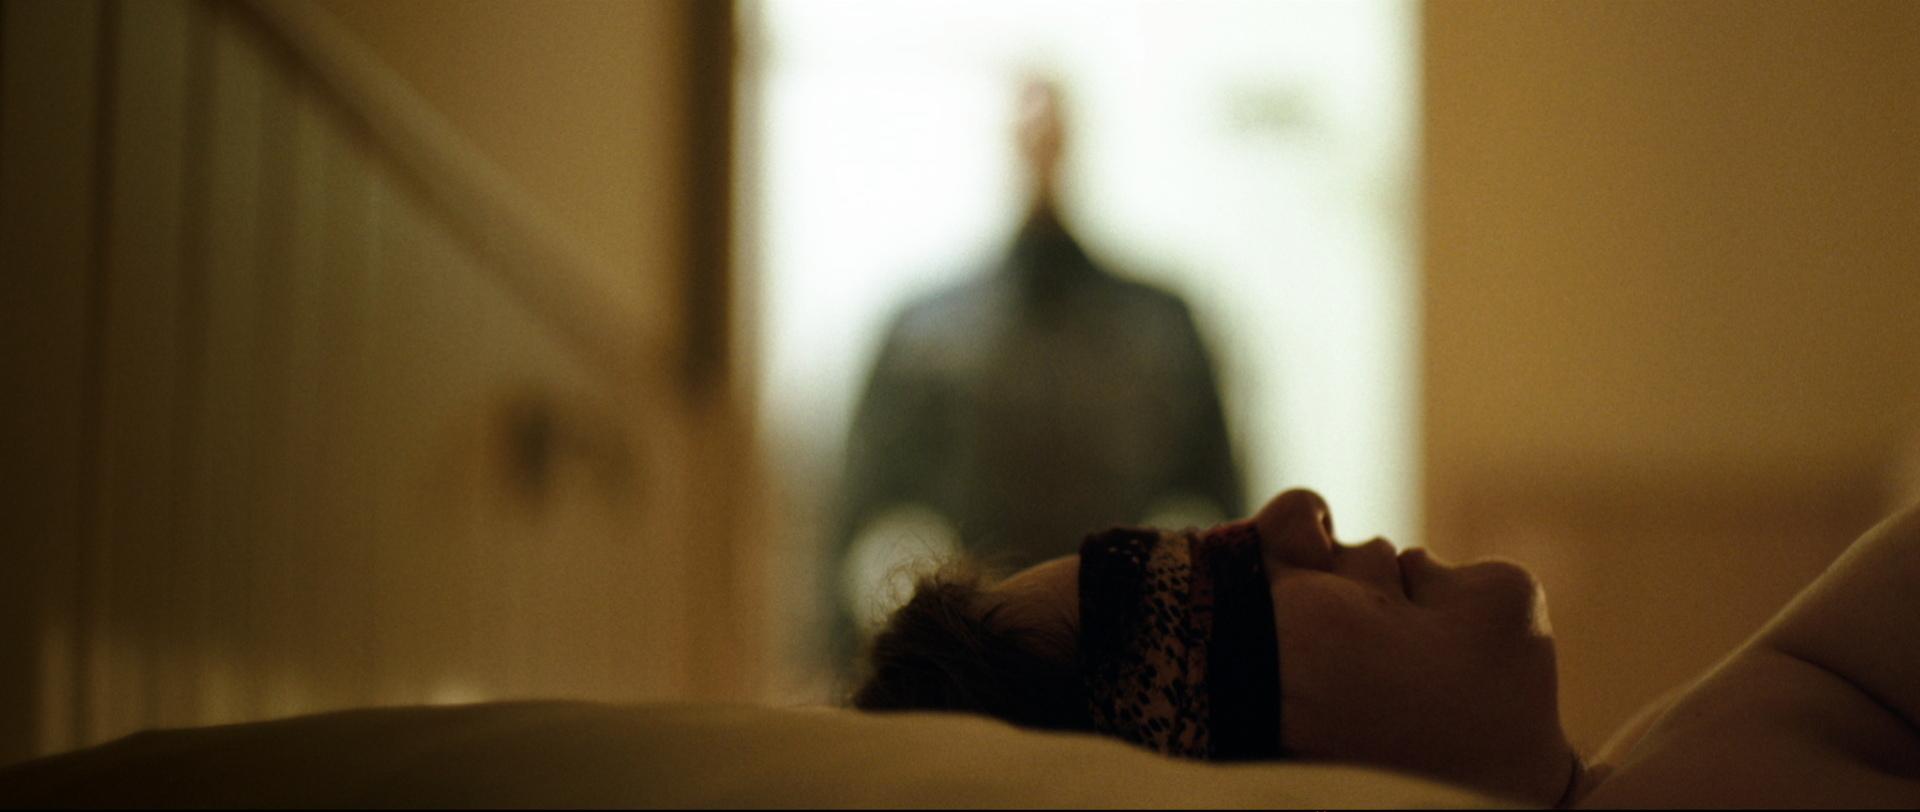 Traumland - Dreamland - Rolf bei der Prostituierten Mia - Regie Petra Volpe - Kamera Judith Kaufmann